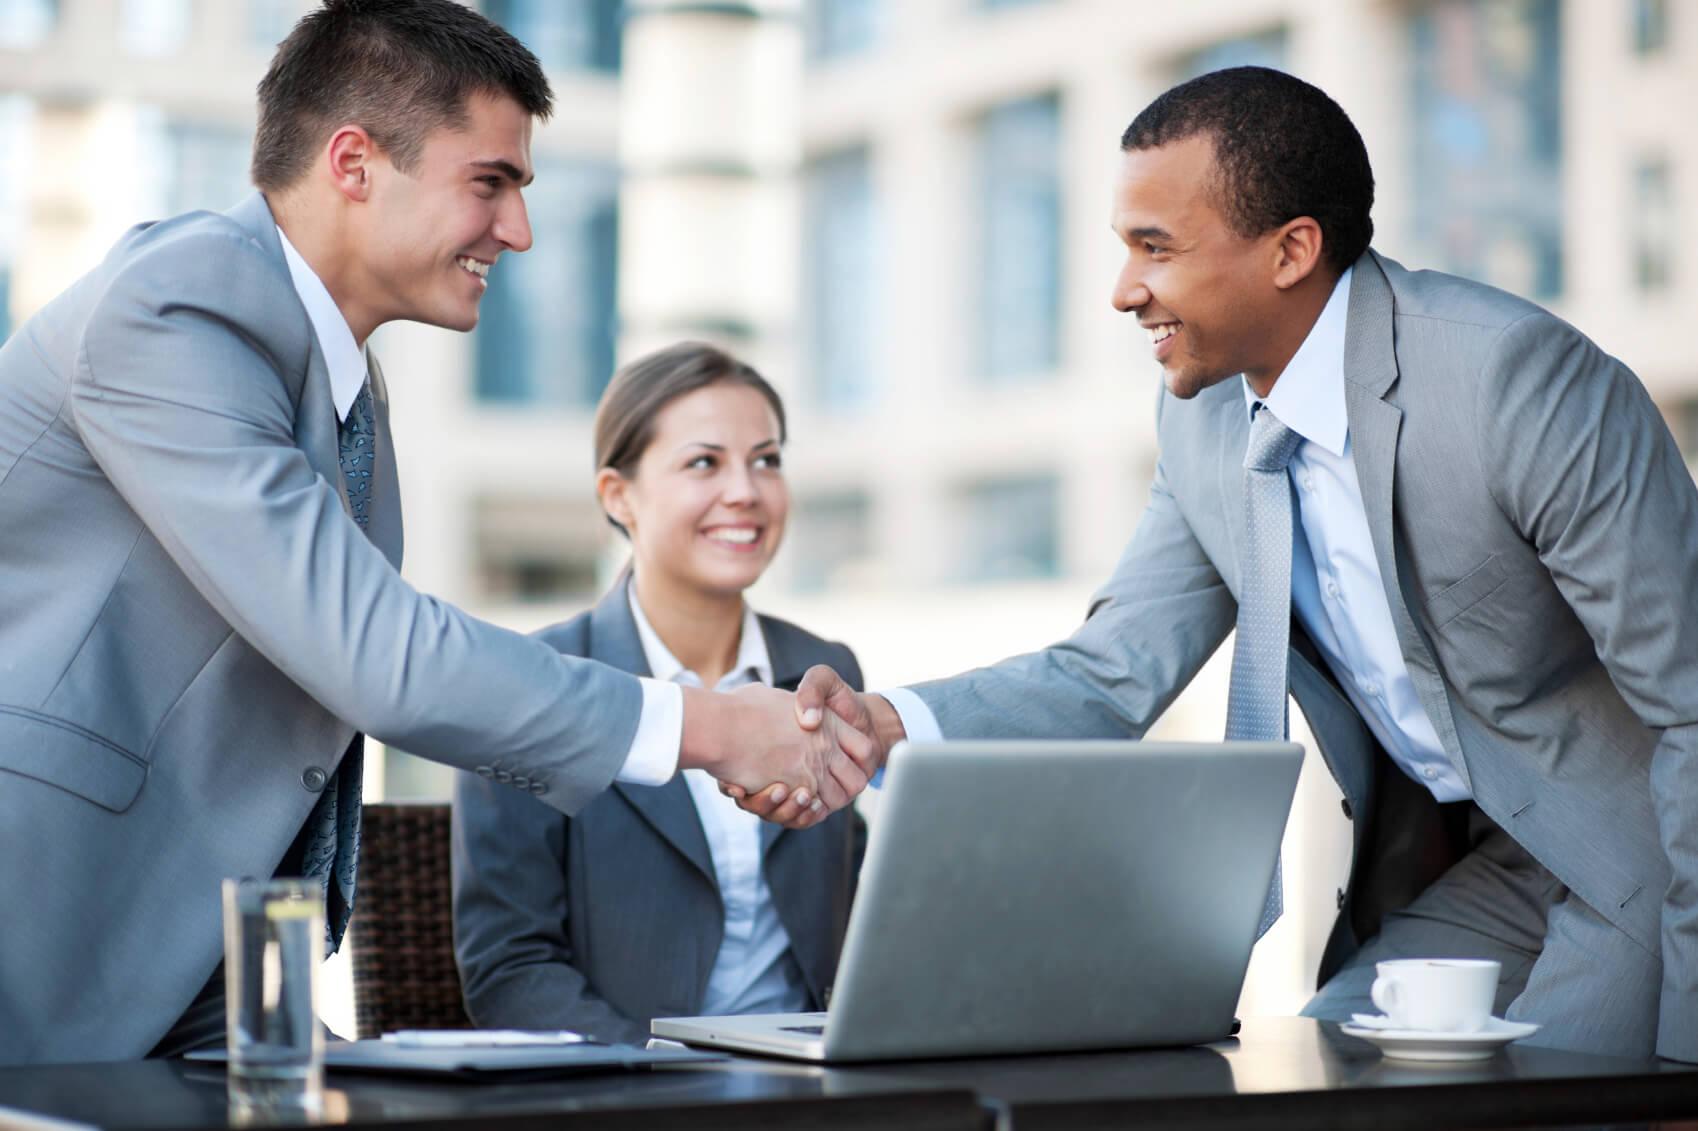 چگونه از کسب و کار B2C به رشد تجارت الکترونیک در B2B برسیم؟